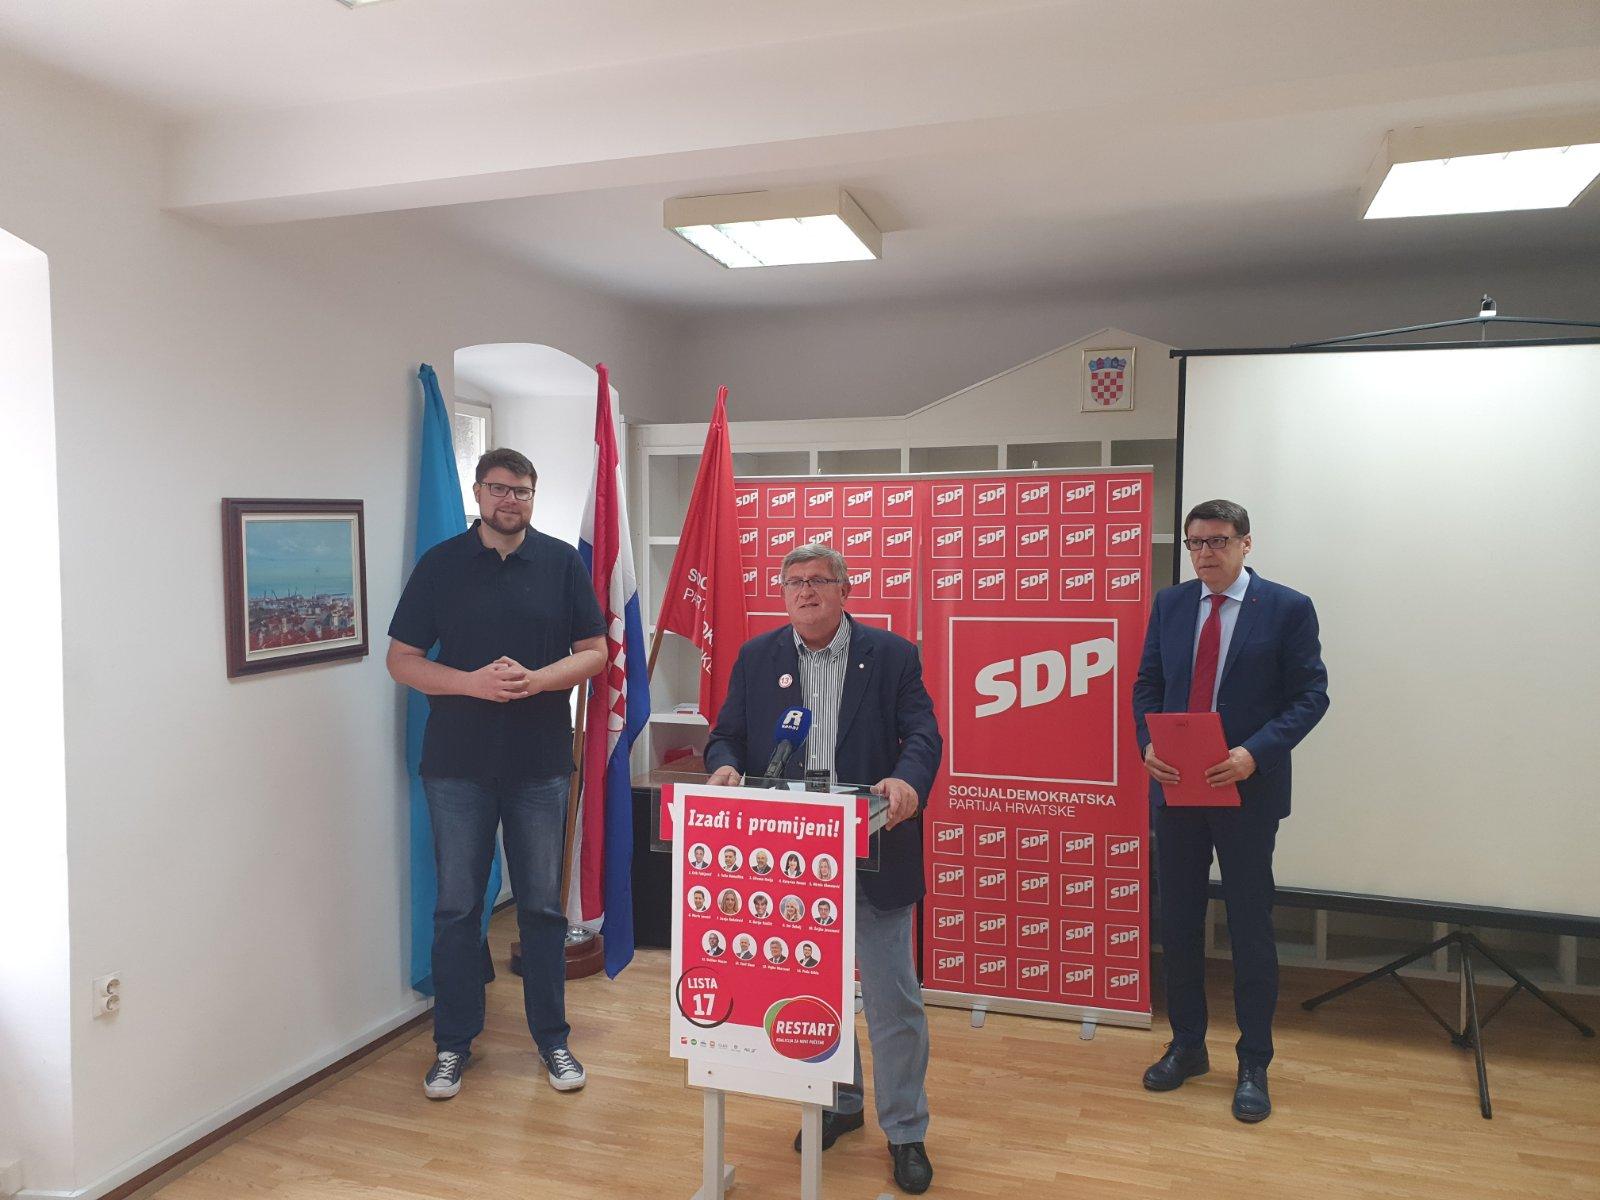 Peđa Grbin, Željko Jovanović i Vojko Obersnel